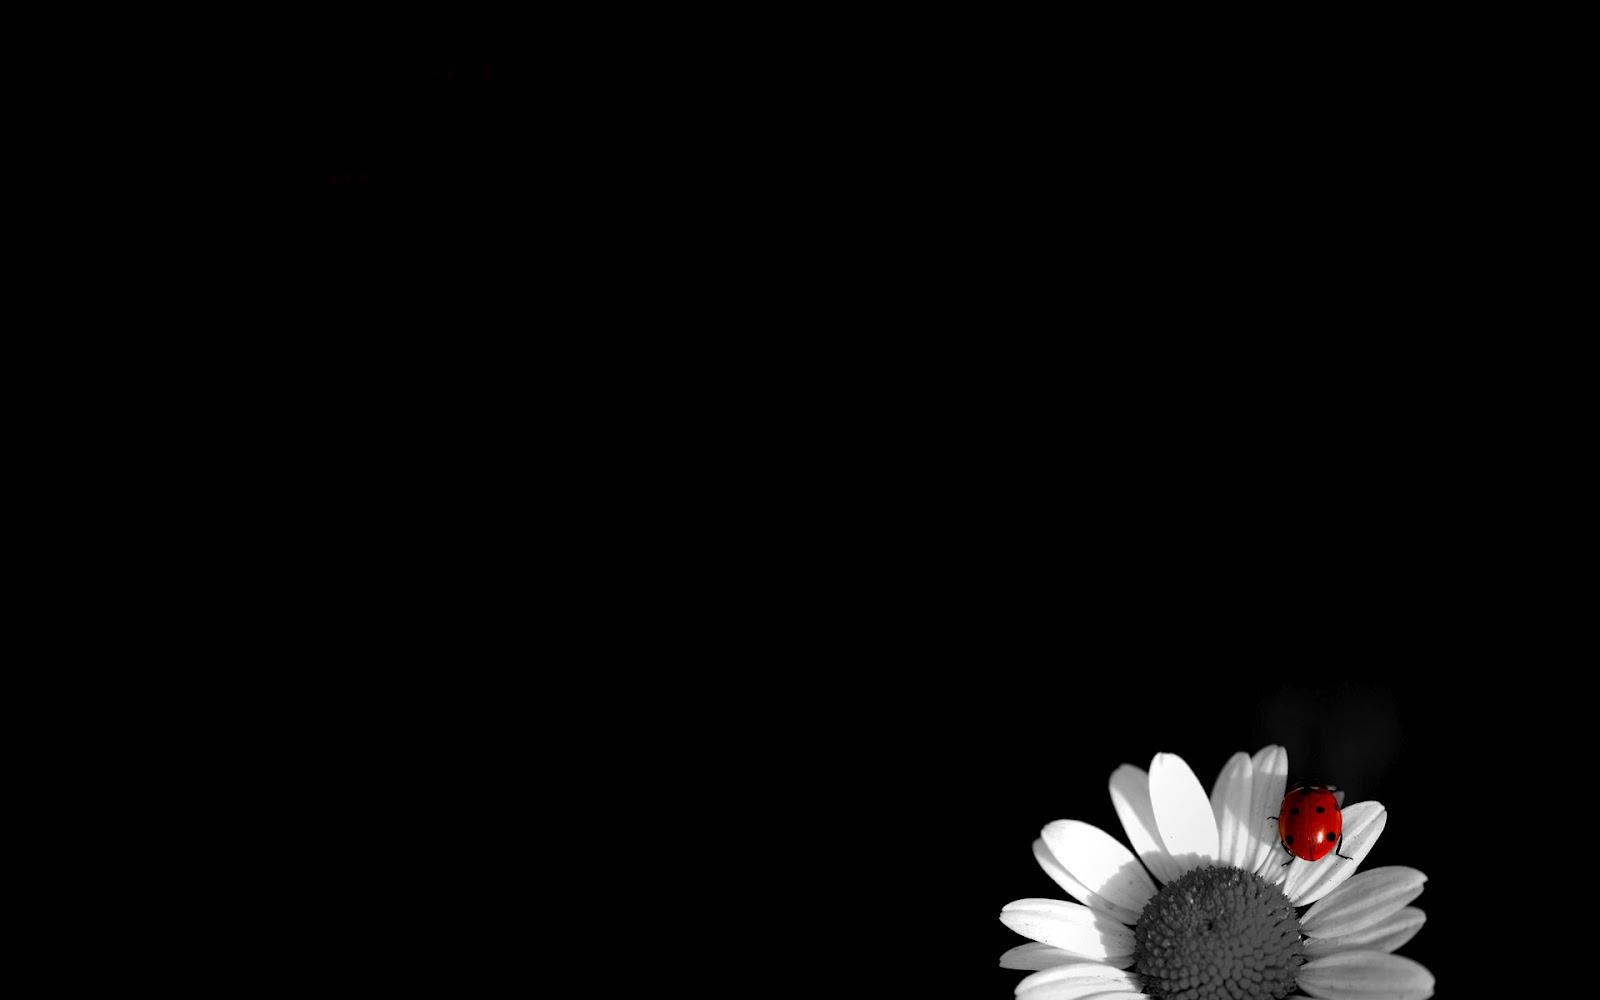 Daisy Flower Black And White Wallpaper Siyah Arkaplan HD Resi...